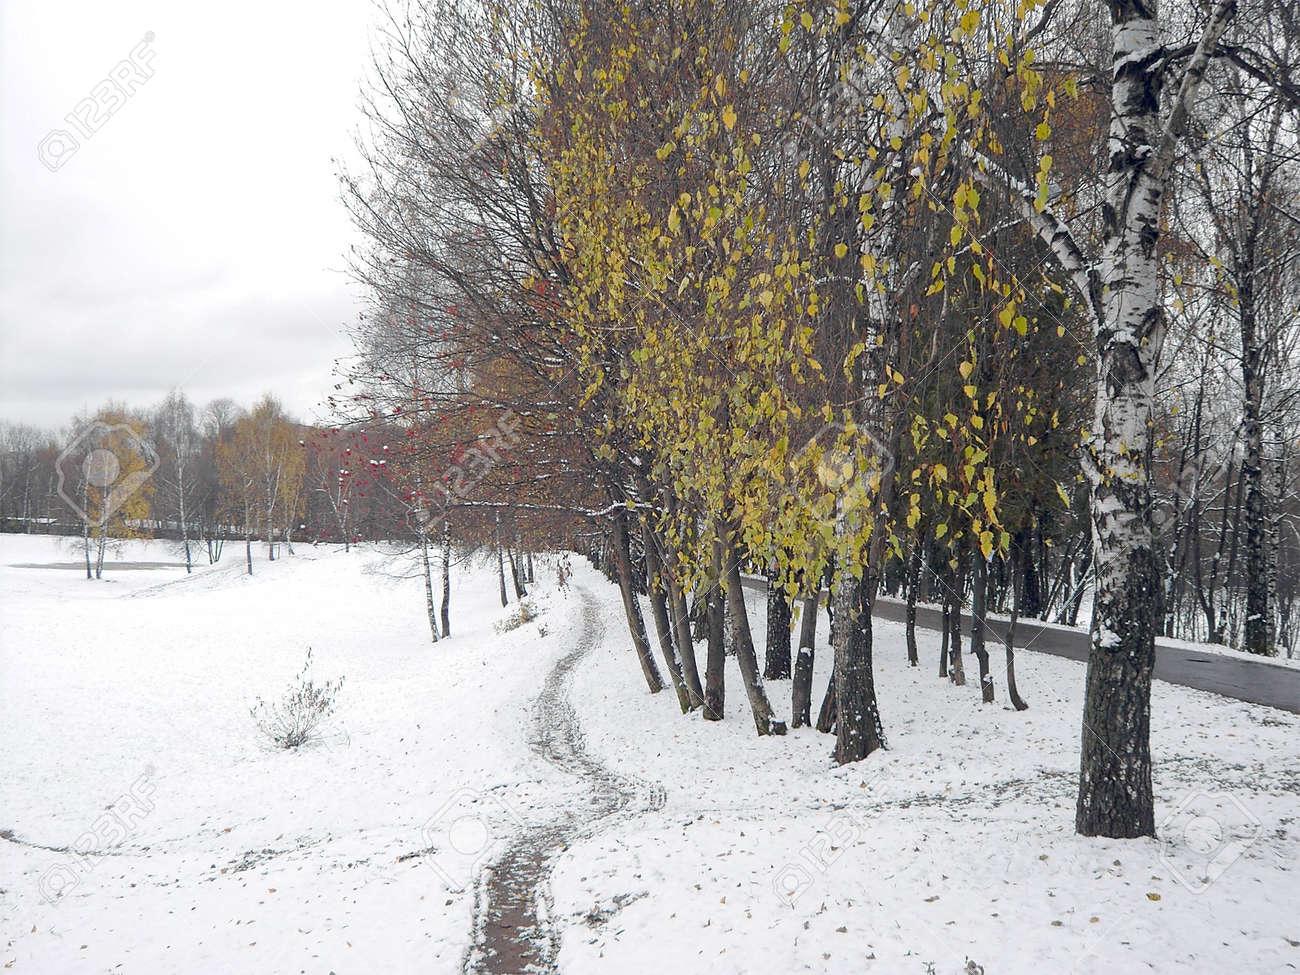 early melting snow, november, city park Stock Photo - 2108543